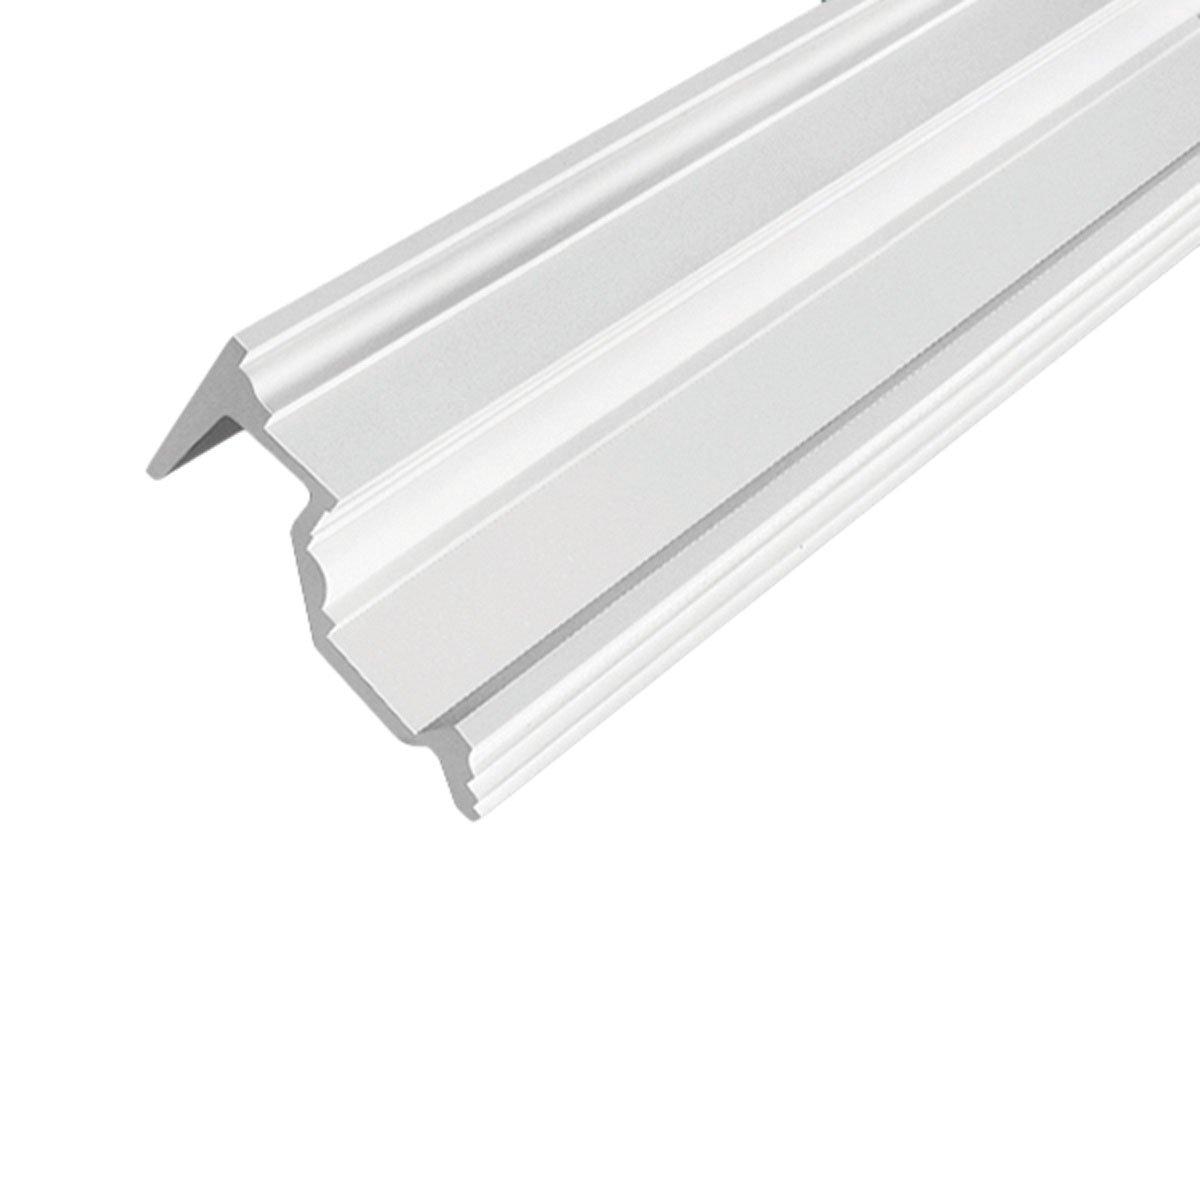 Fypon MLD534-12 19 1/8''H x 8 7/8''P, 12' Length, Door/Window Moulding